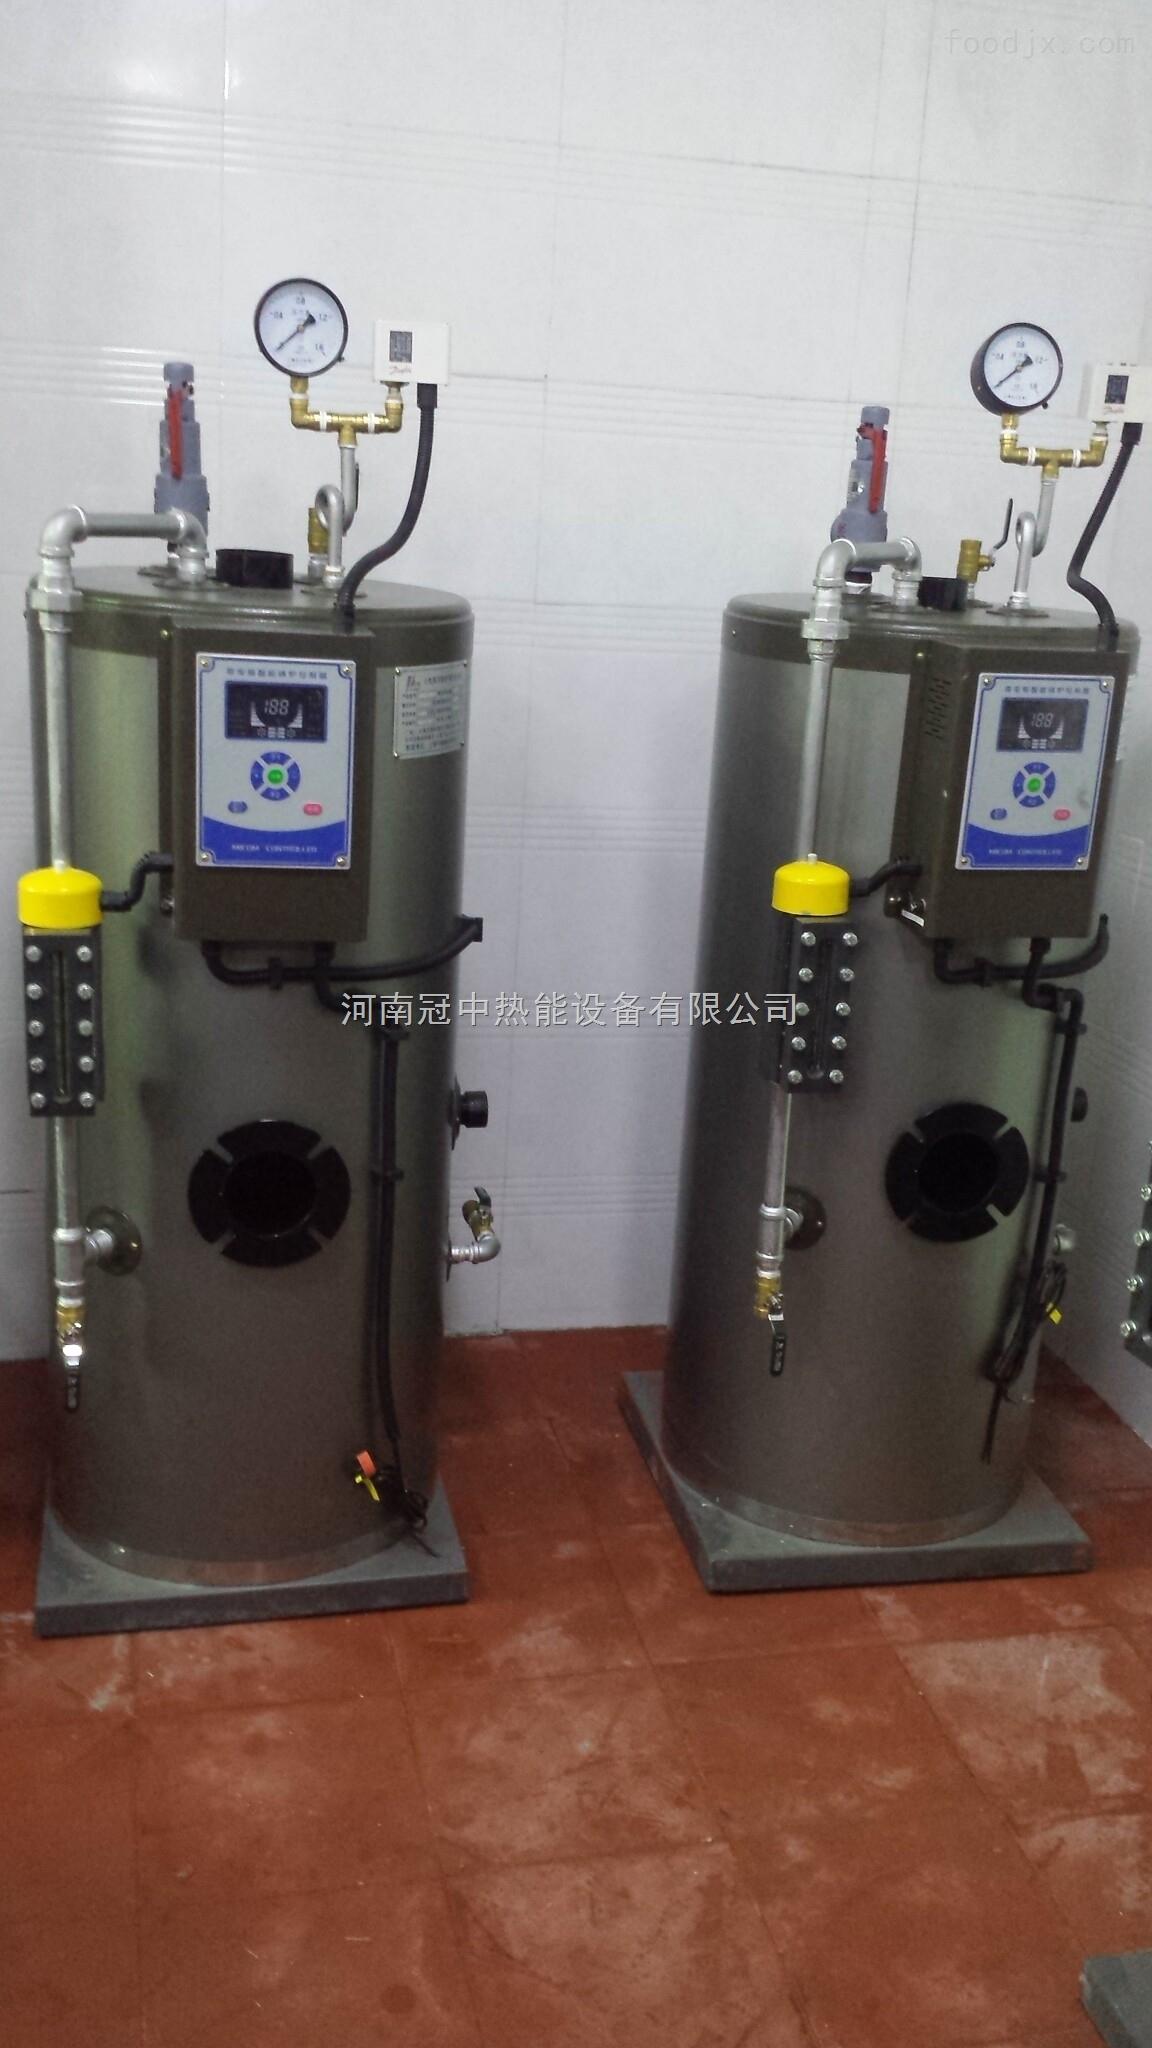 燃气蒸汽发生器是一种小型燃气蒸汽锅炉